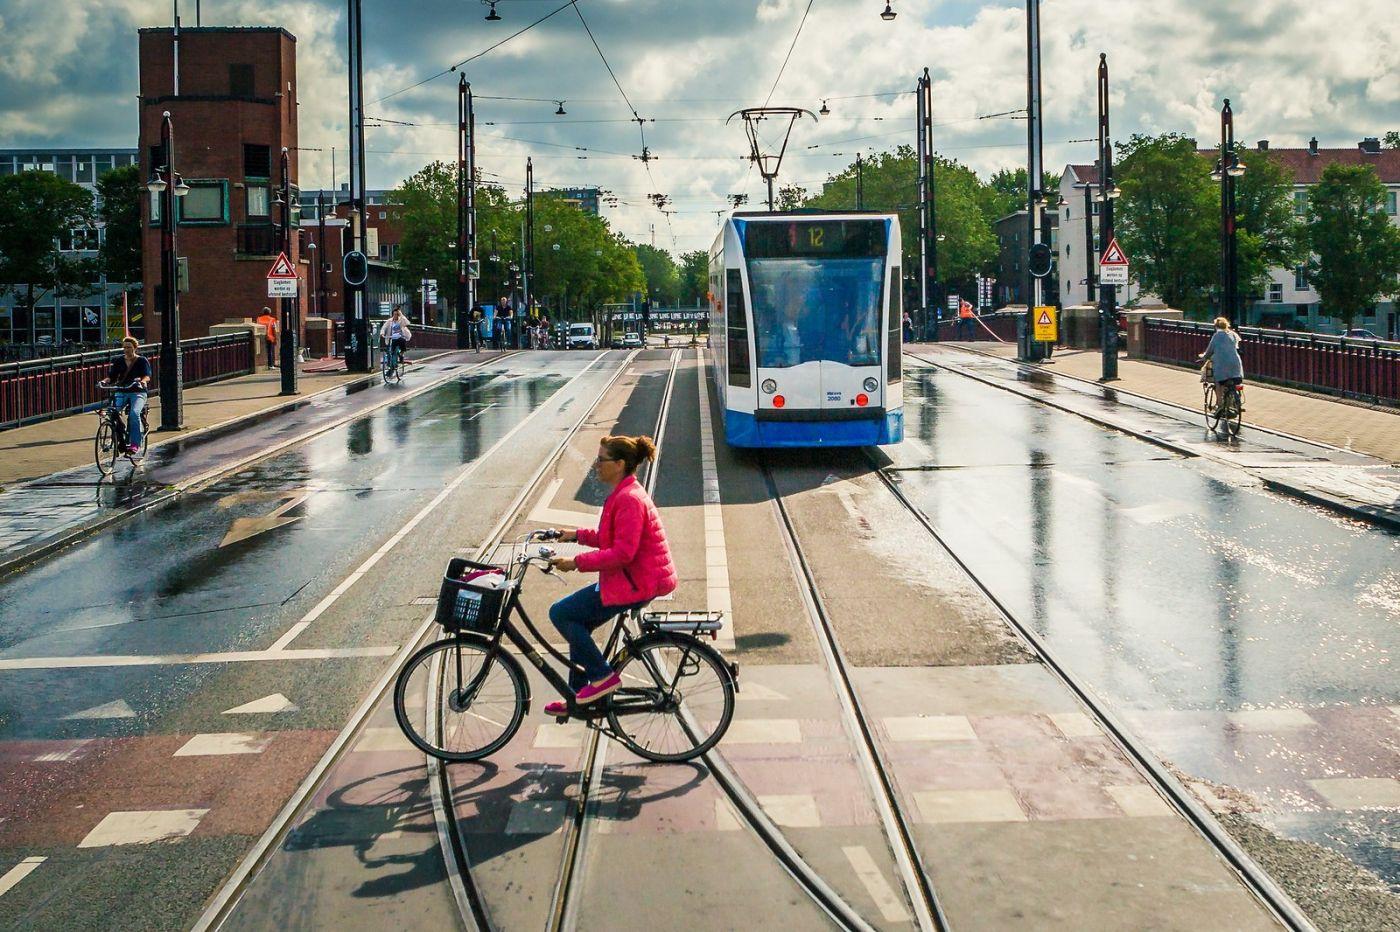 荷兰阿姆斯特丹,穿梭的自行车_图1-31